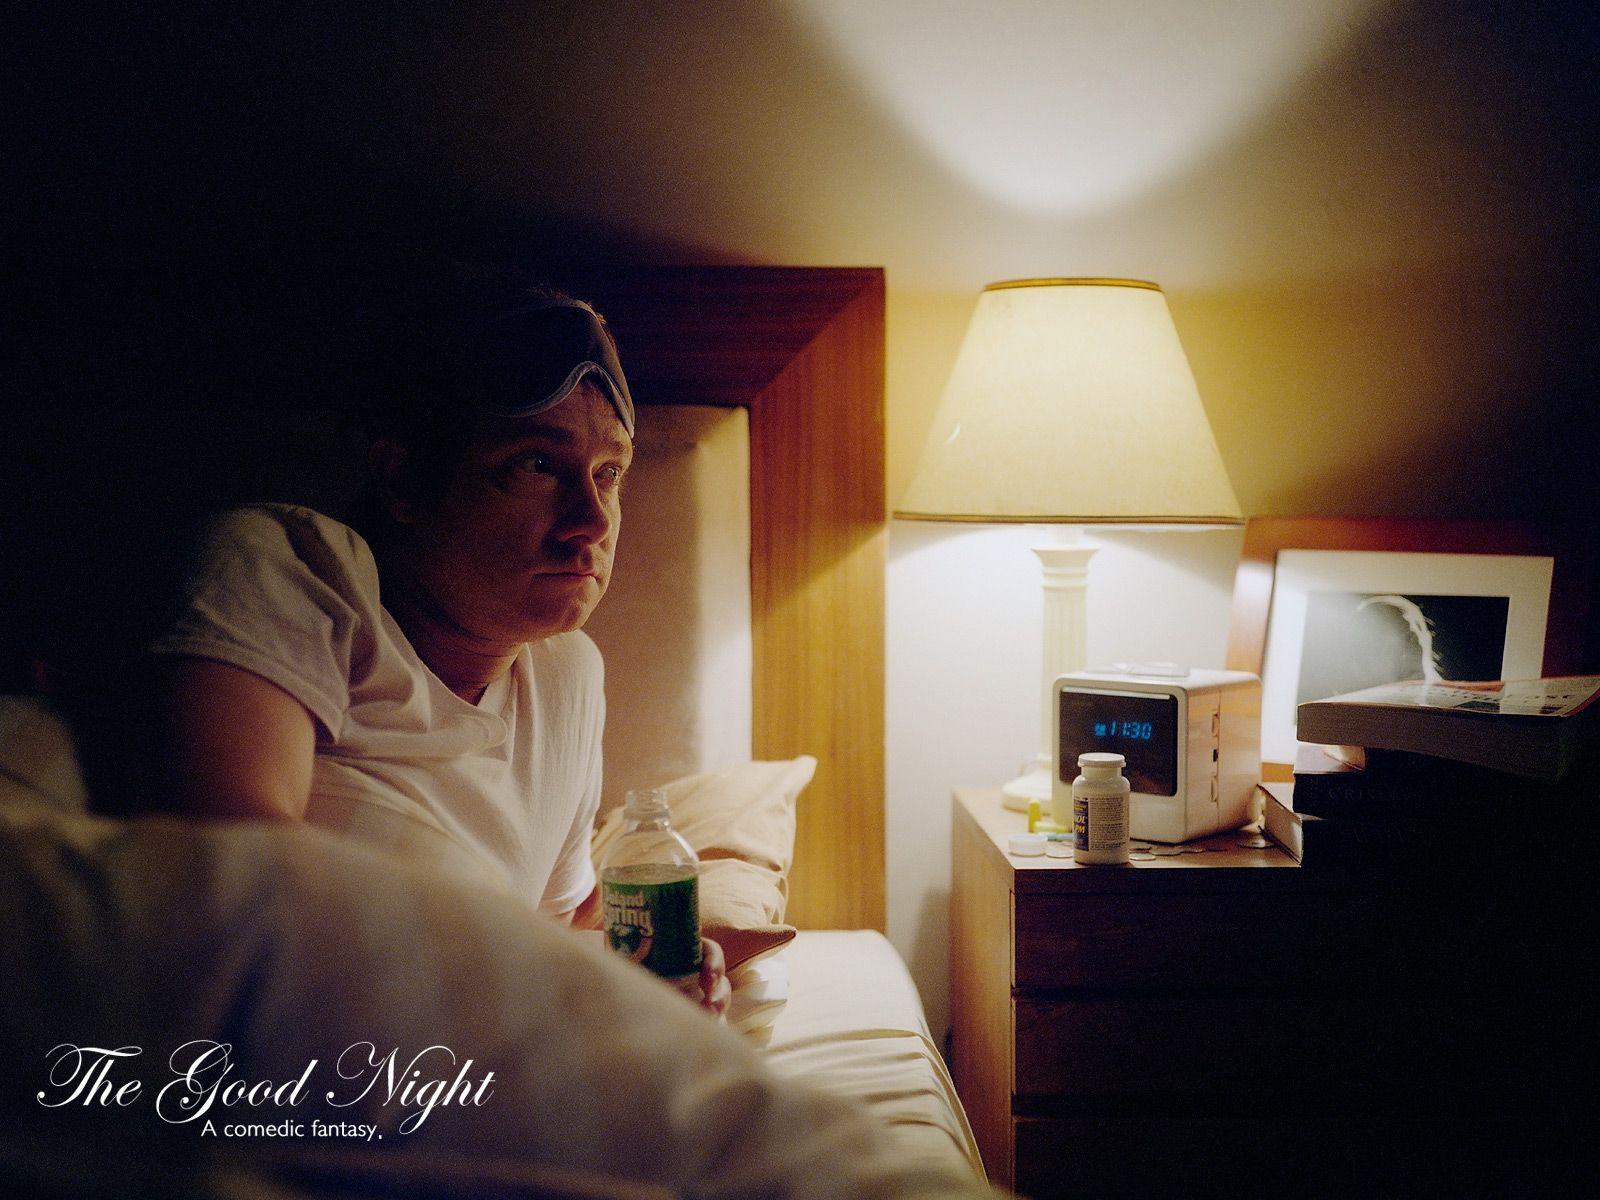 http://1.bp.blogspot.com/-zyiOITR9V_8/TiSnOuE7WMI/AAAAAAAAAds/Lf-hc13Pd9I/s1600/the_good_night02.jpg